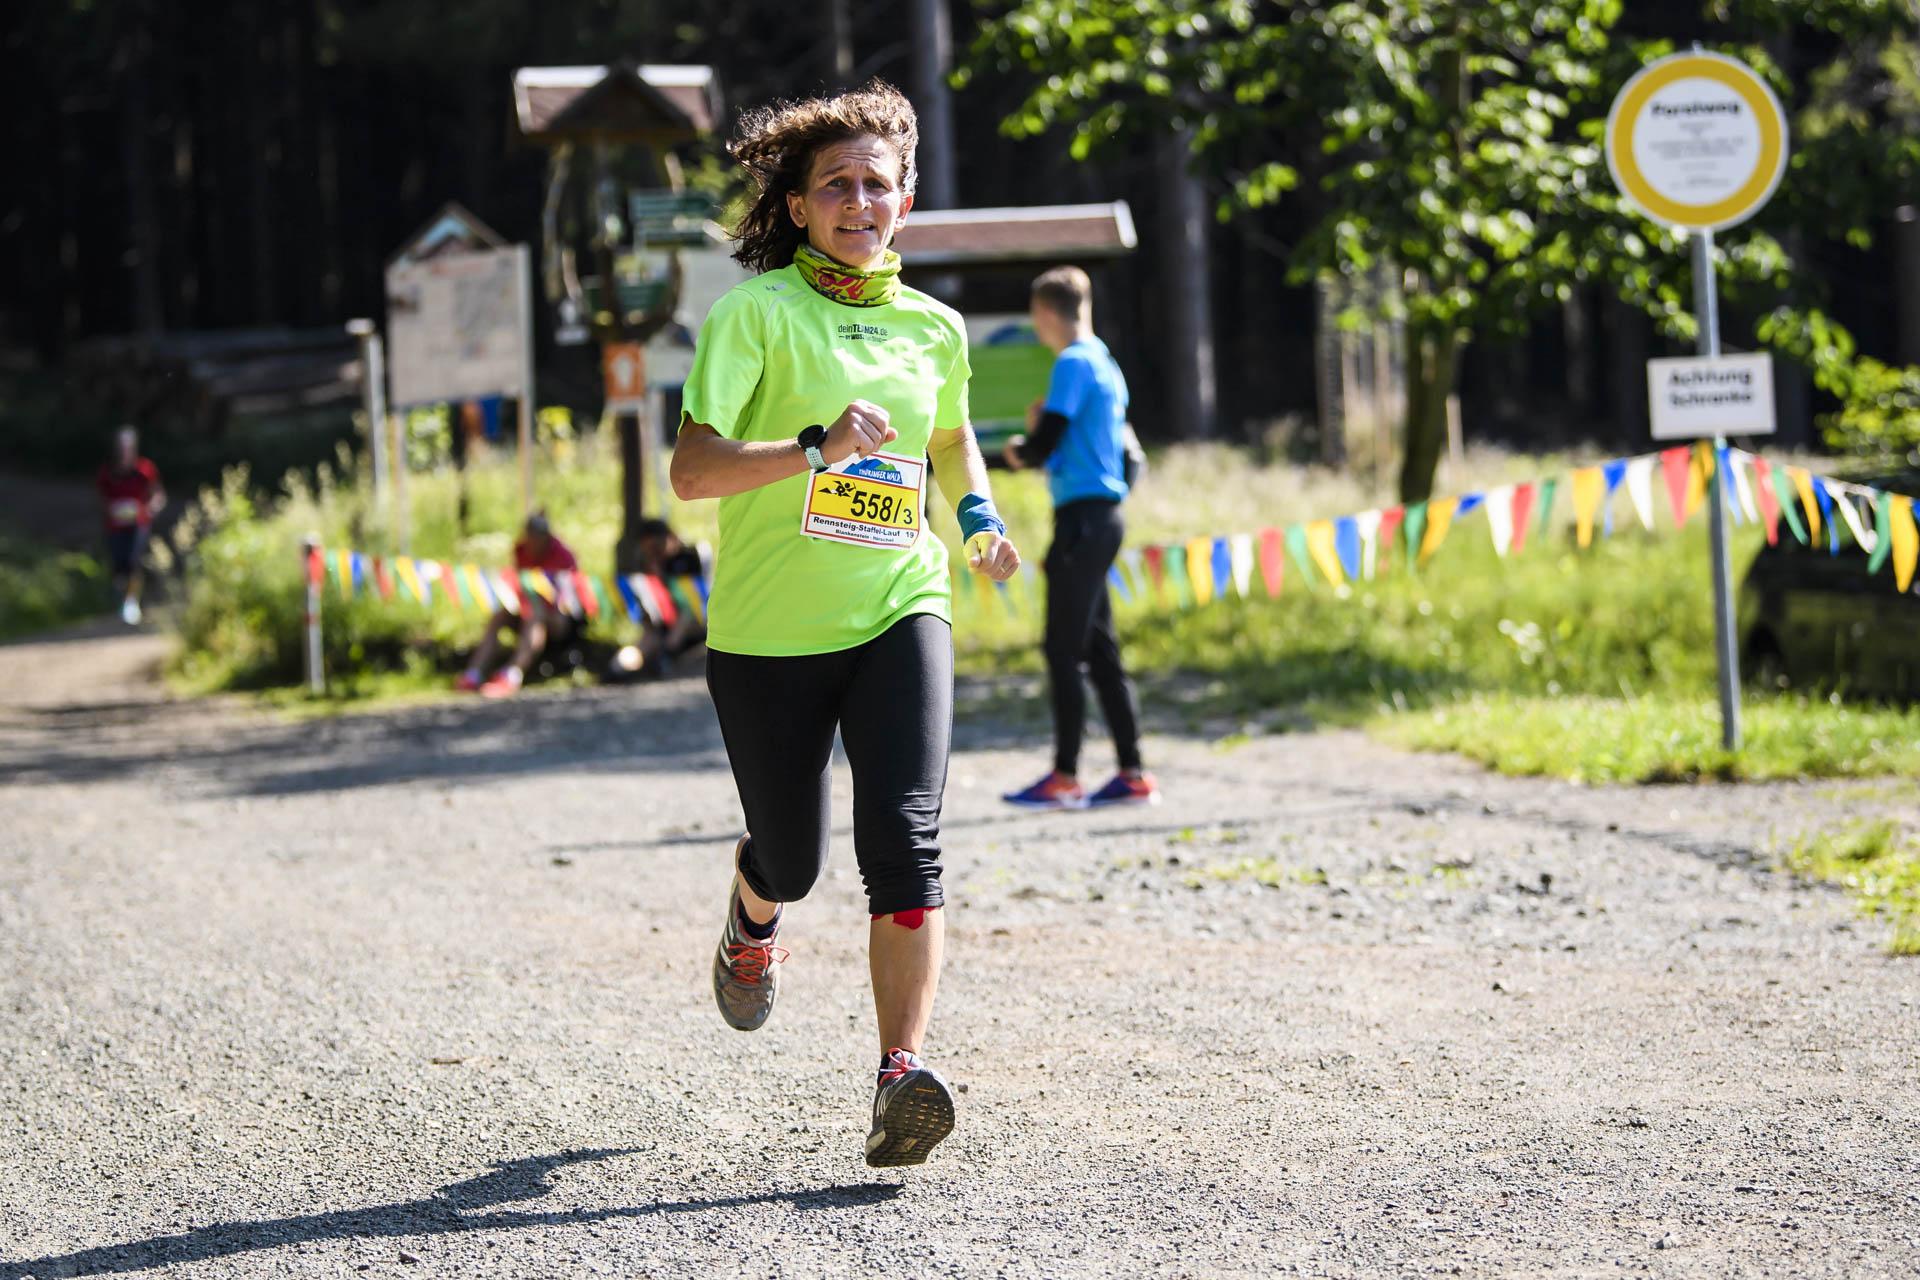 22.06.2019, xkvx, Crosslauf, 21. Rennsteig-Staffel-Lauf, v.l.